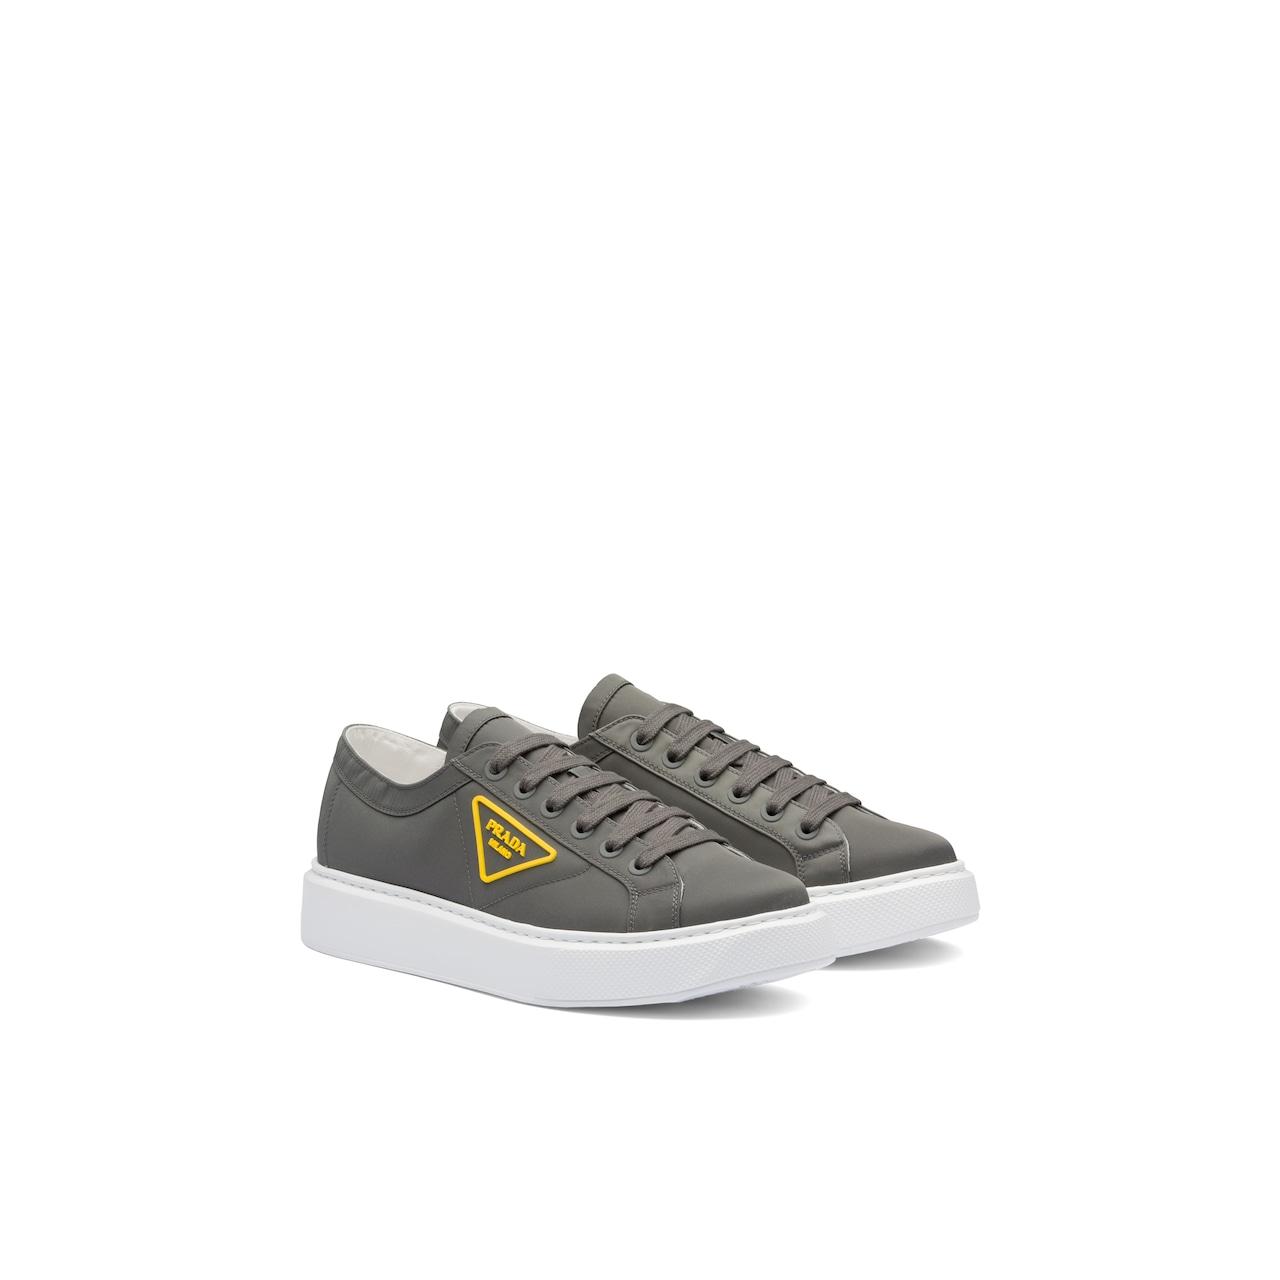 Prada Macro Sneakers 1